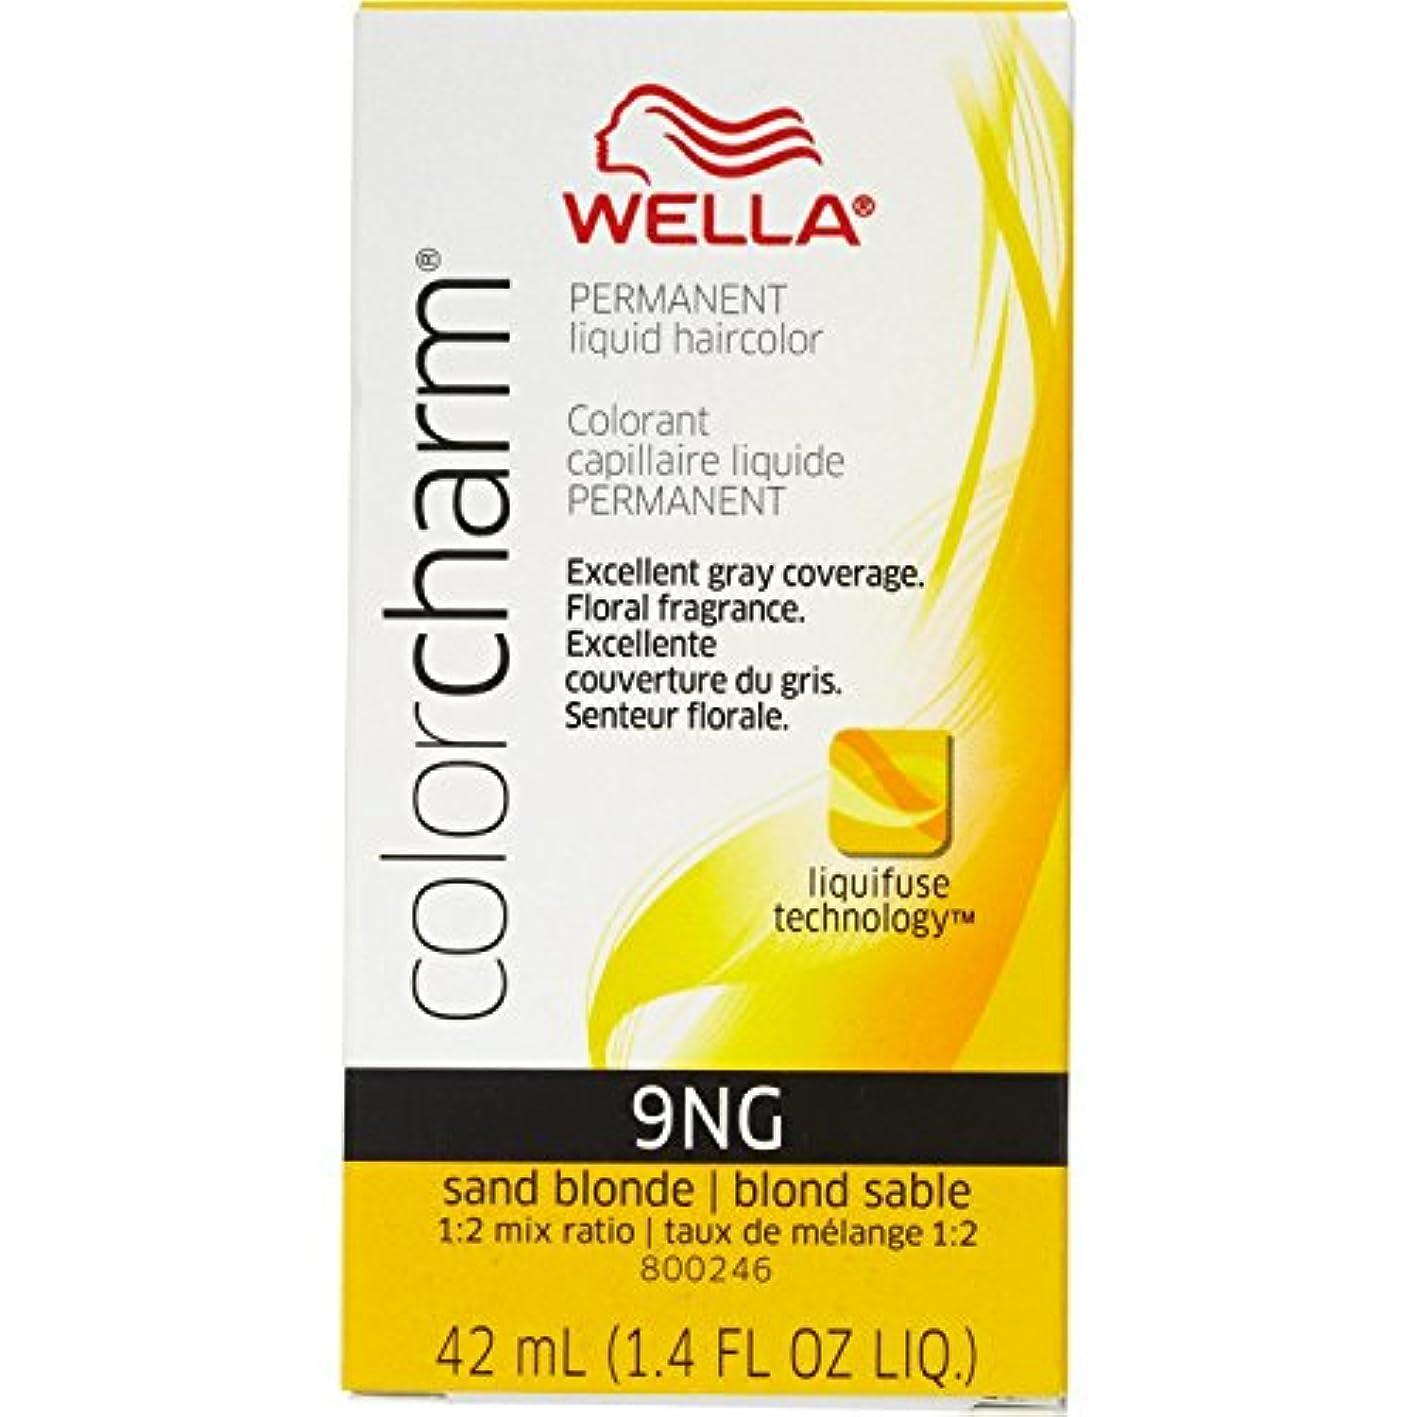 柔和クライマックス貫通するWella 砂のブロンド色のチャーム液体パーマネントヘアカラー